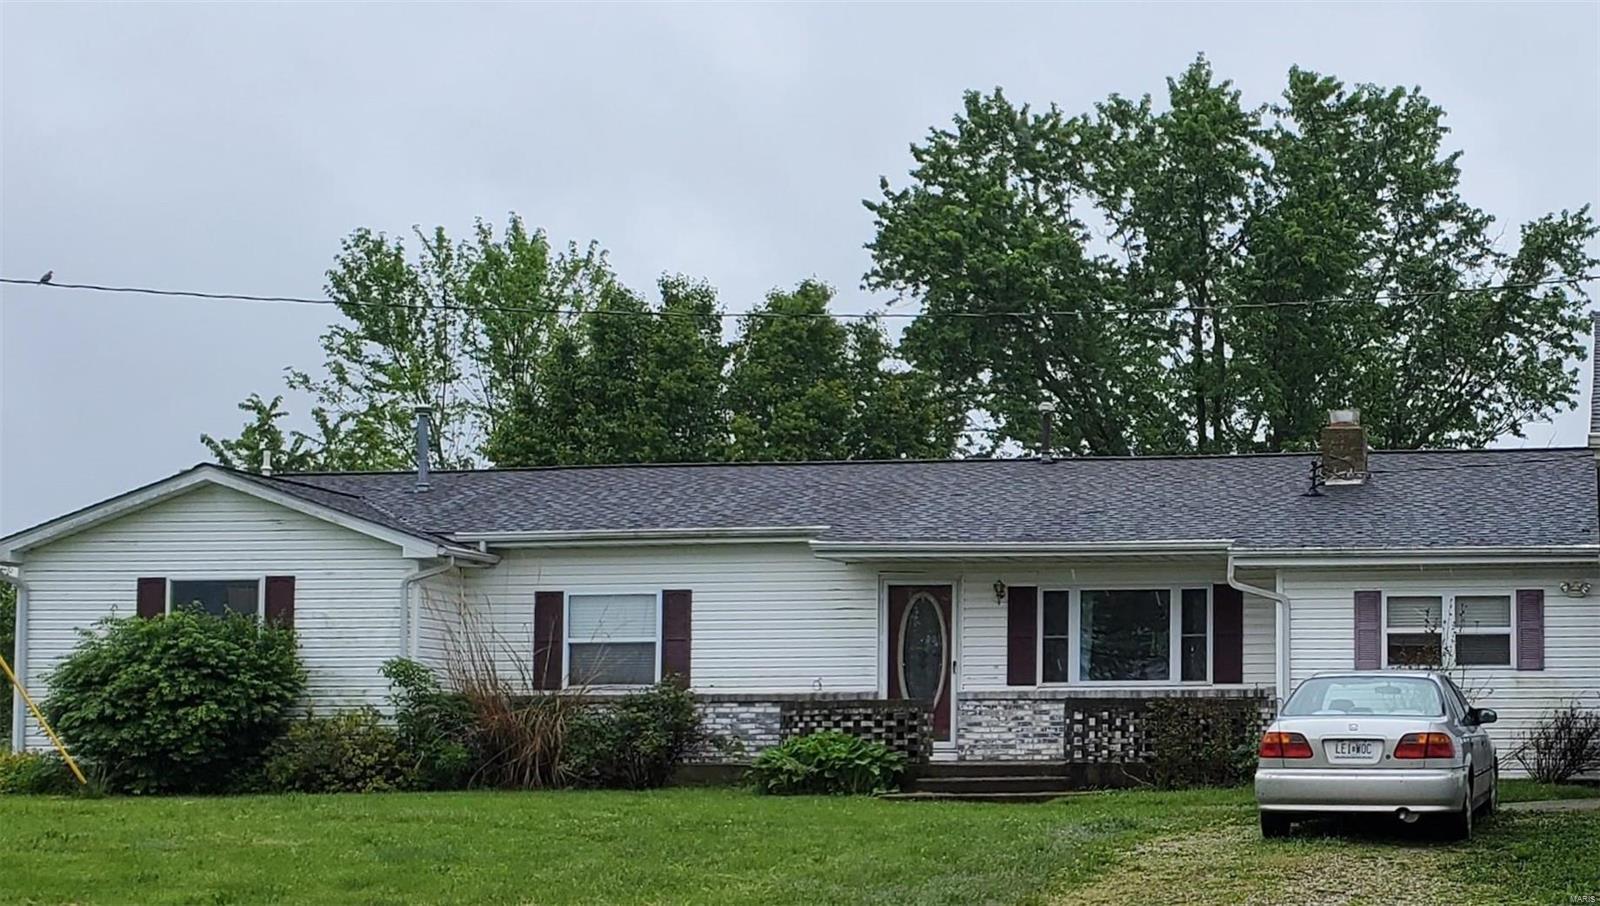 3175 highway k Property Photo - Salem, MO real estate listing